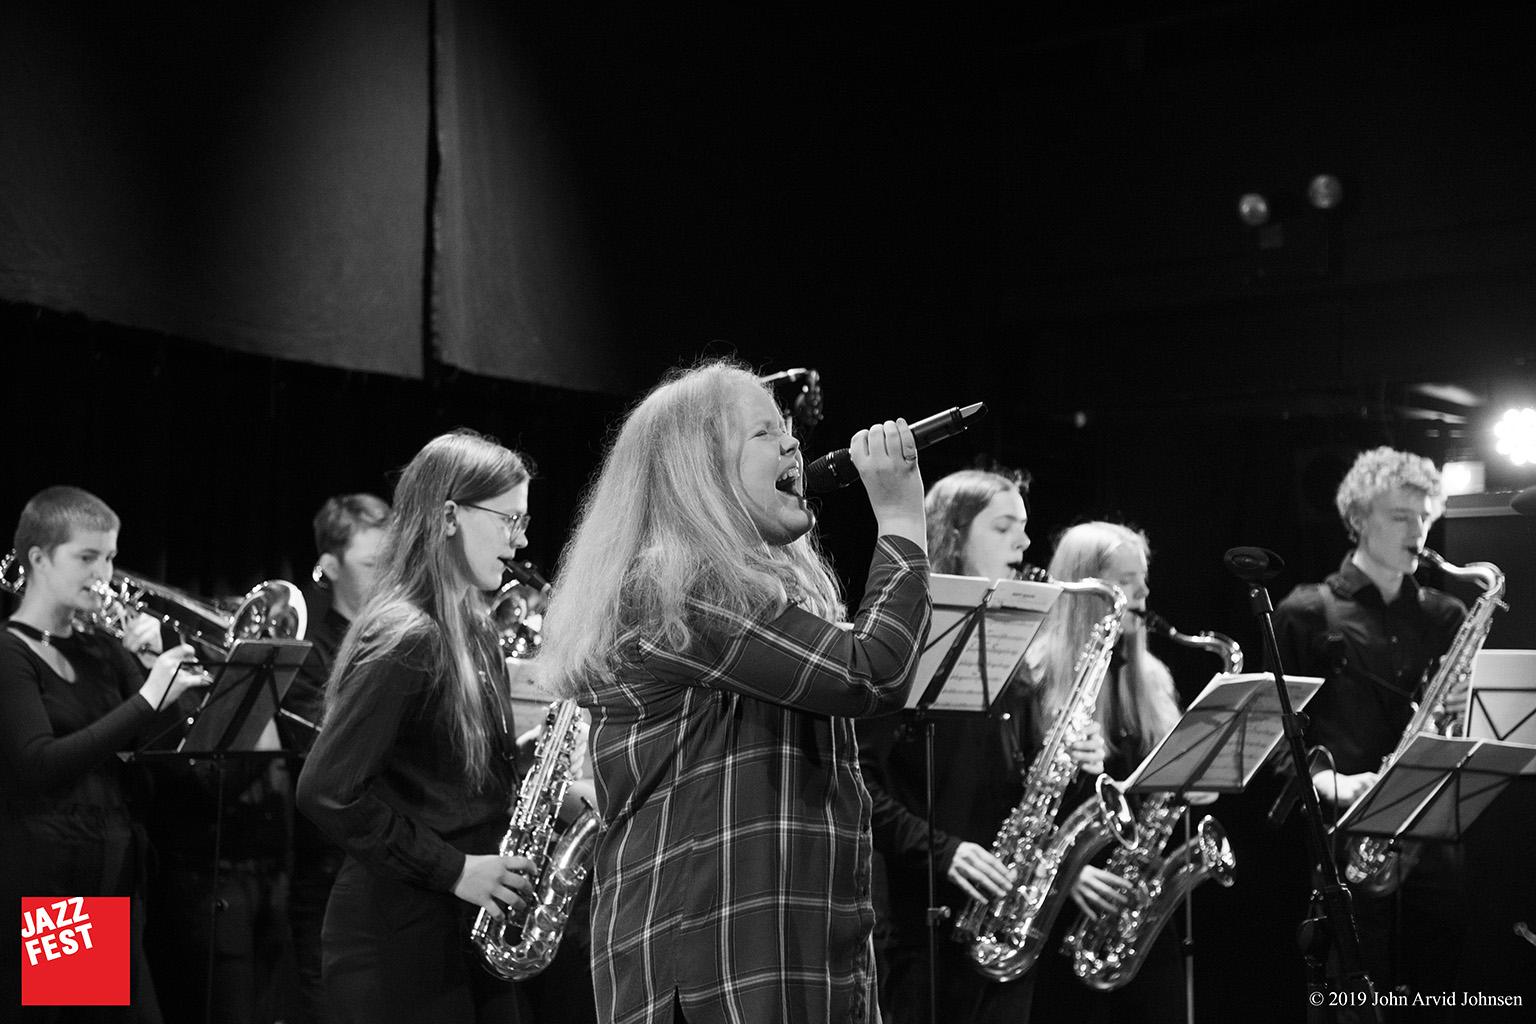 Trondheim Kommunale Kulturskoles Storband på Jazzfest Ung. Foto: John Arvid Johnsen